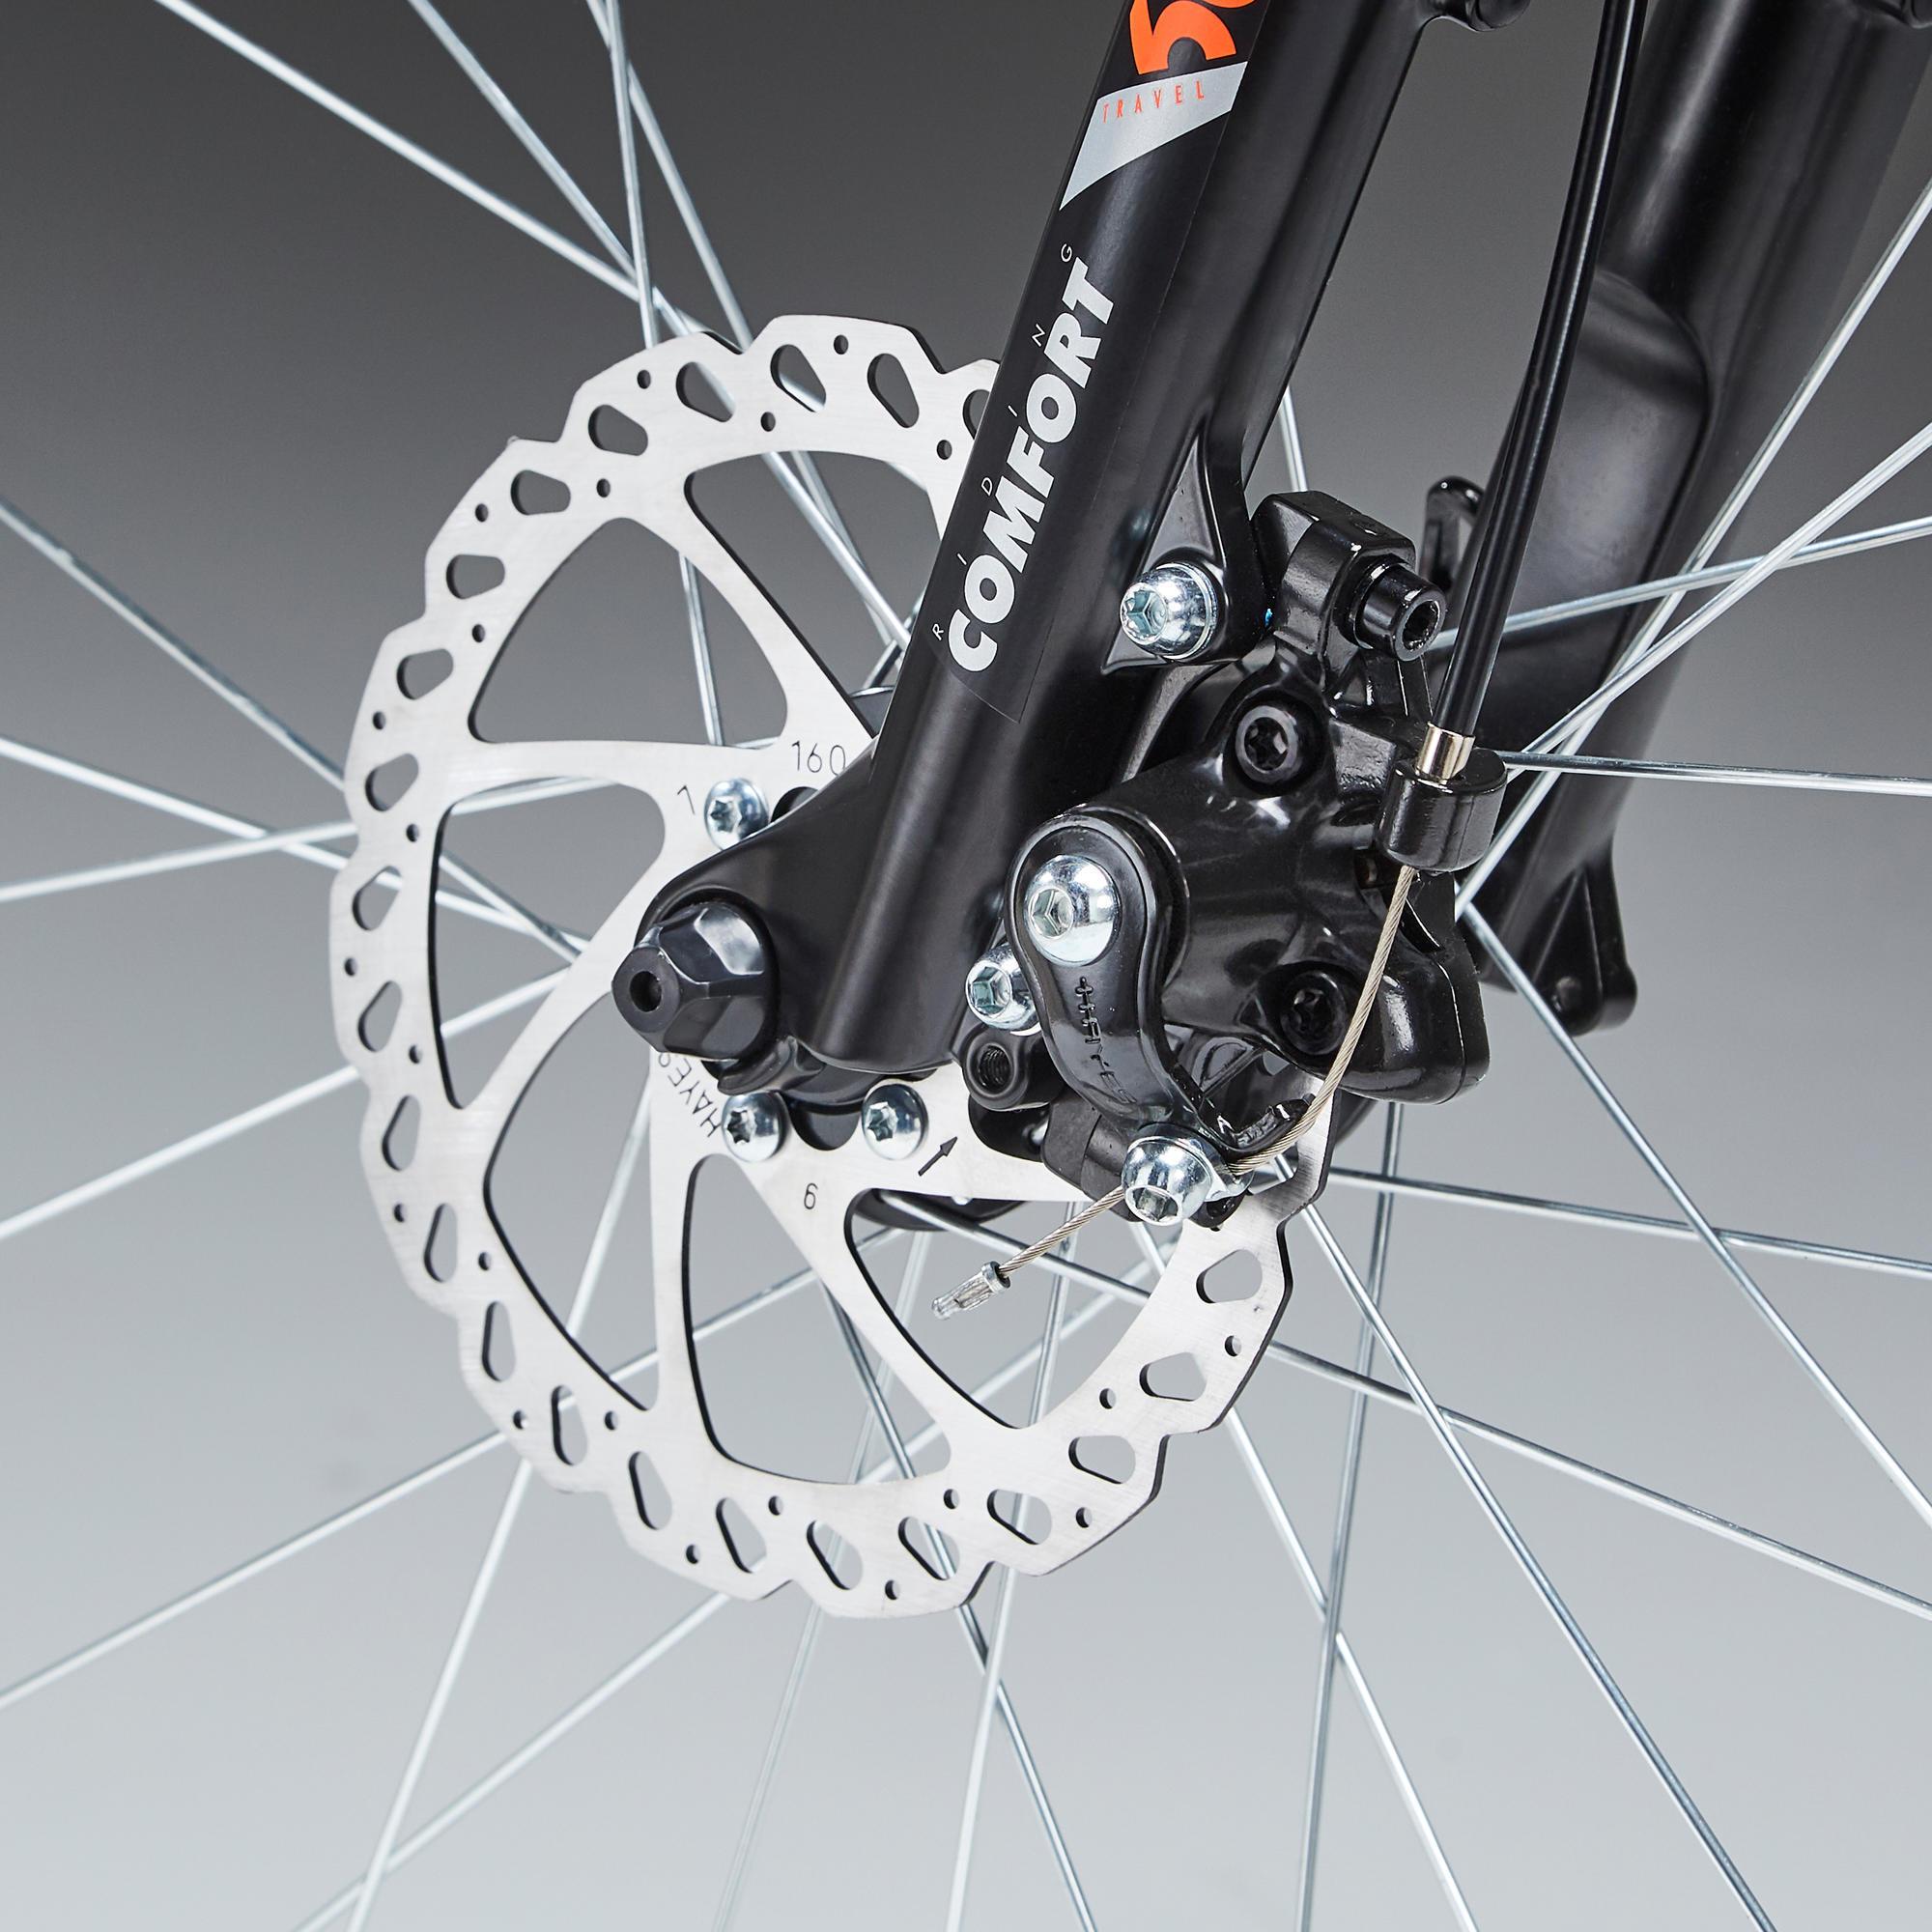 Timbre bicicleta bicicleta de montaña e-bike timbre campana trekkinrad BMX negro